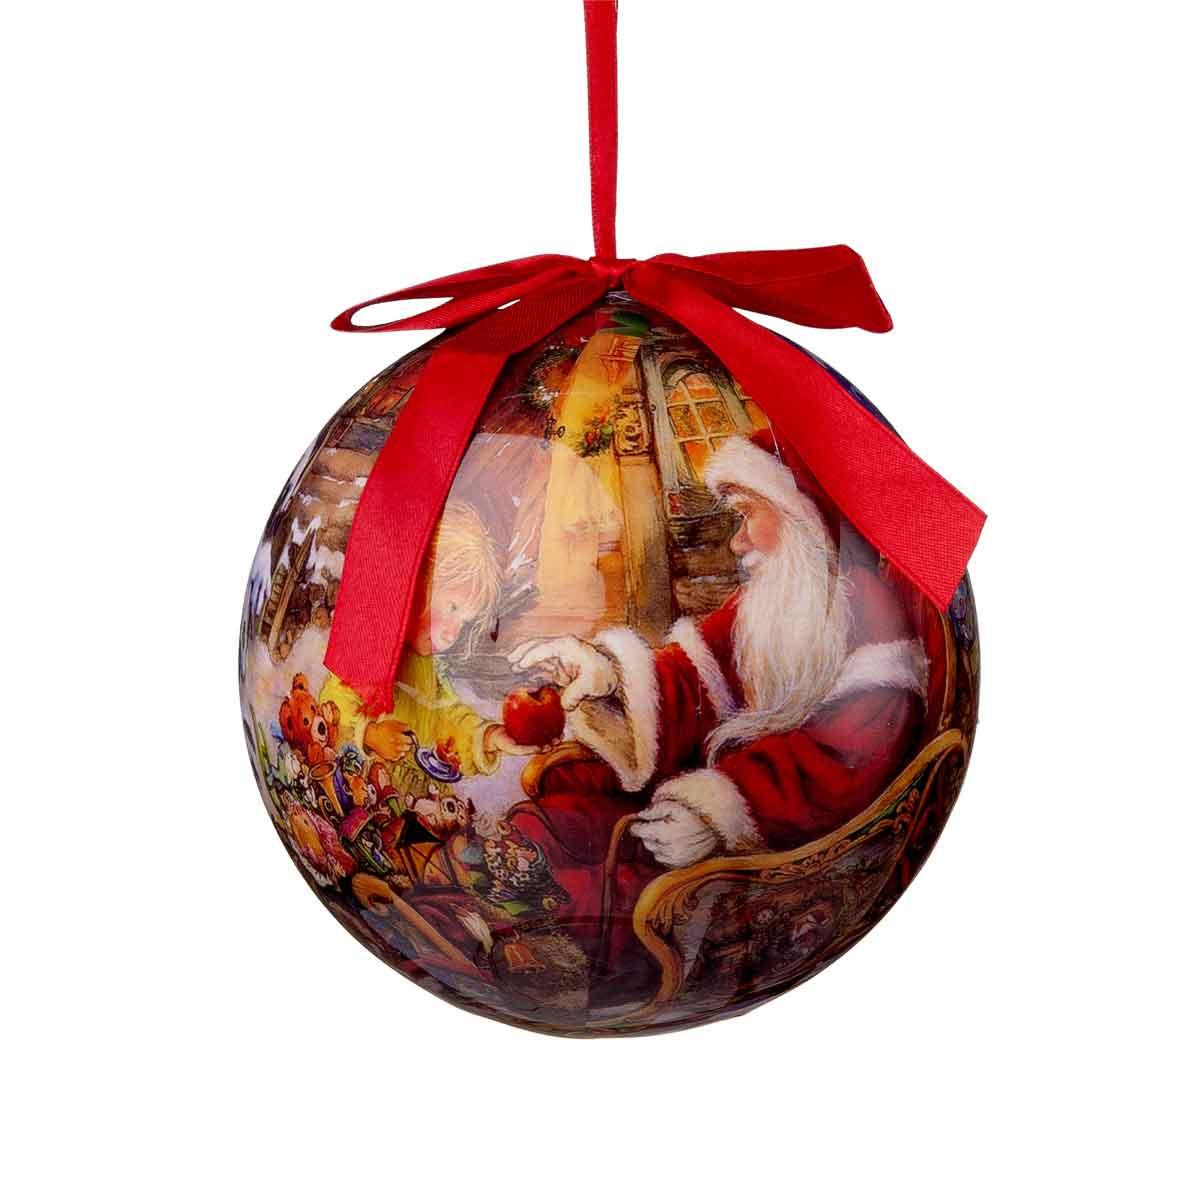 Sfera con Babbo Natale diametro 15cm